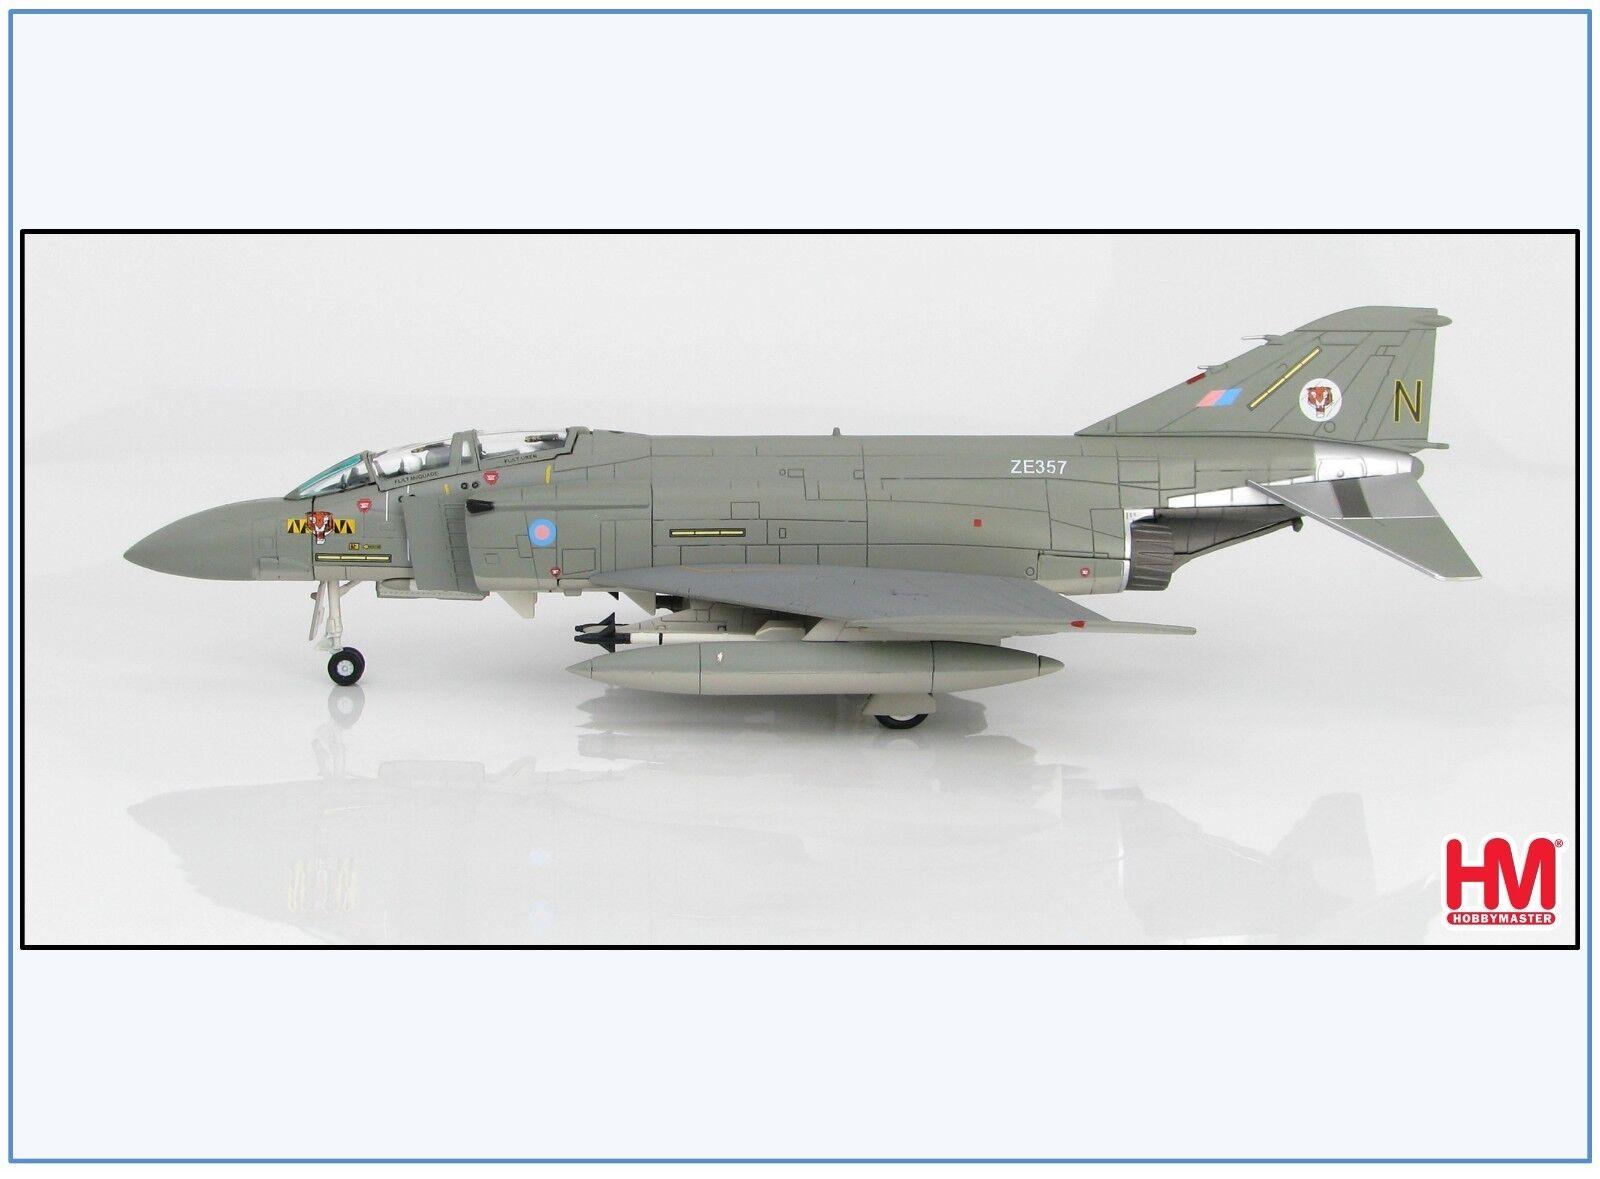 Ha1986 f-4j (UK) Phantom II RAF 74 SQ. ze357, 1985, HOBBY MASTER 1 72,neu 12 17